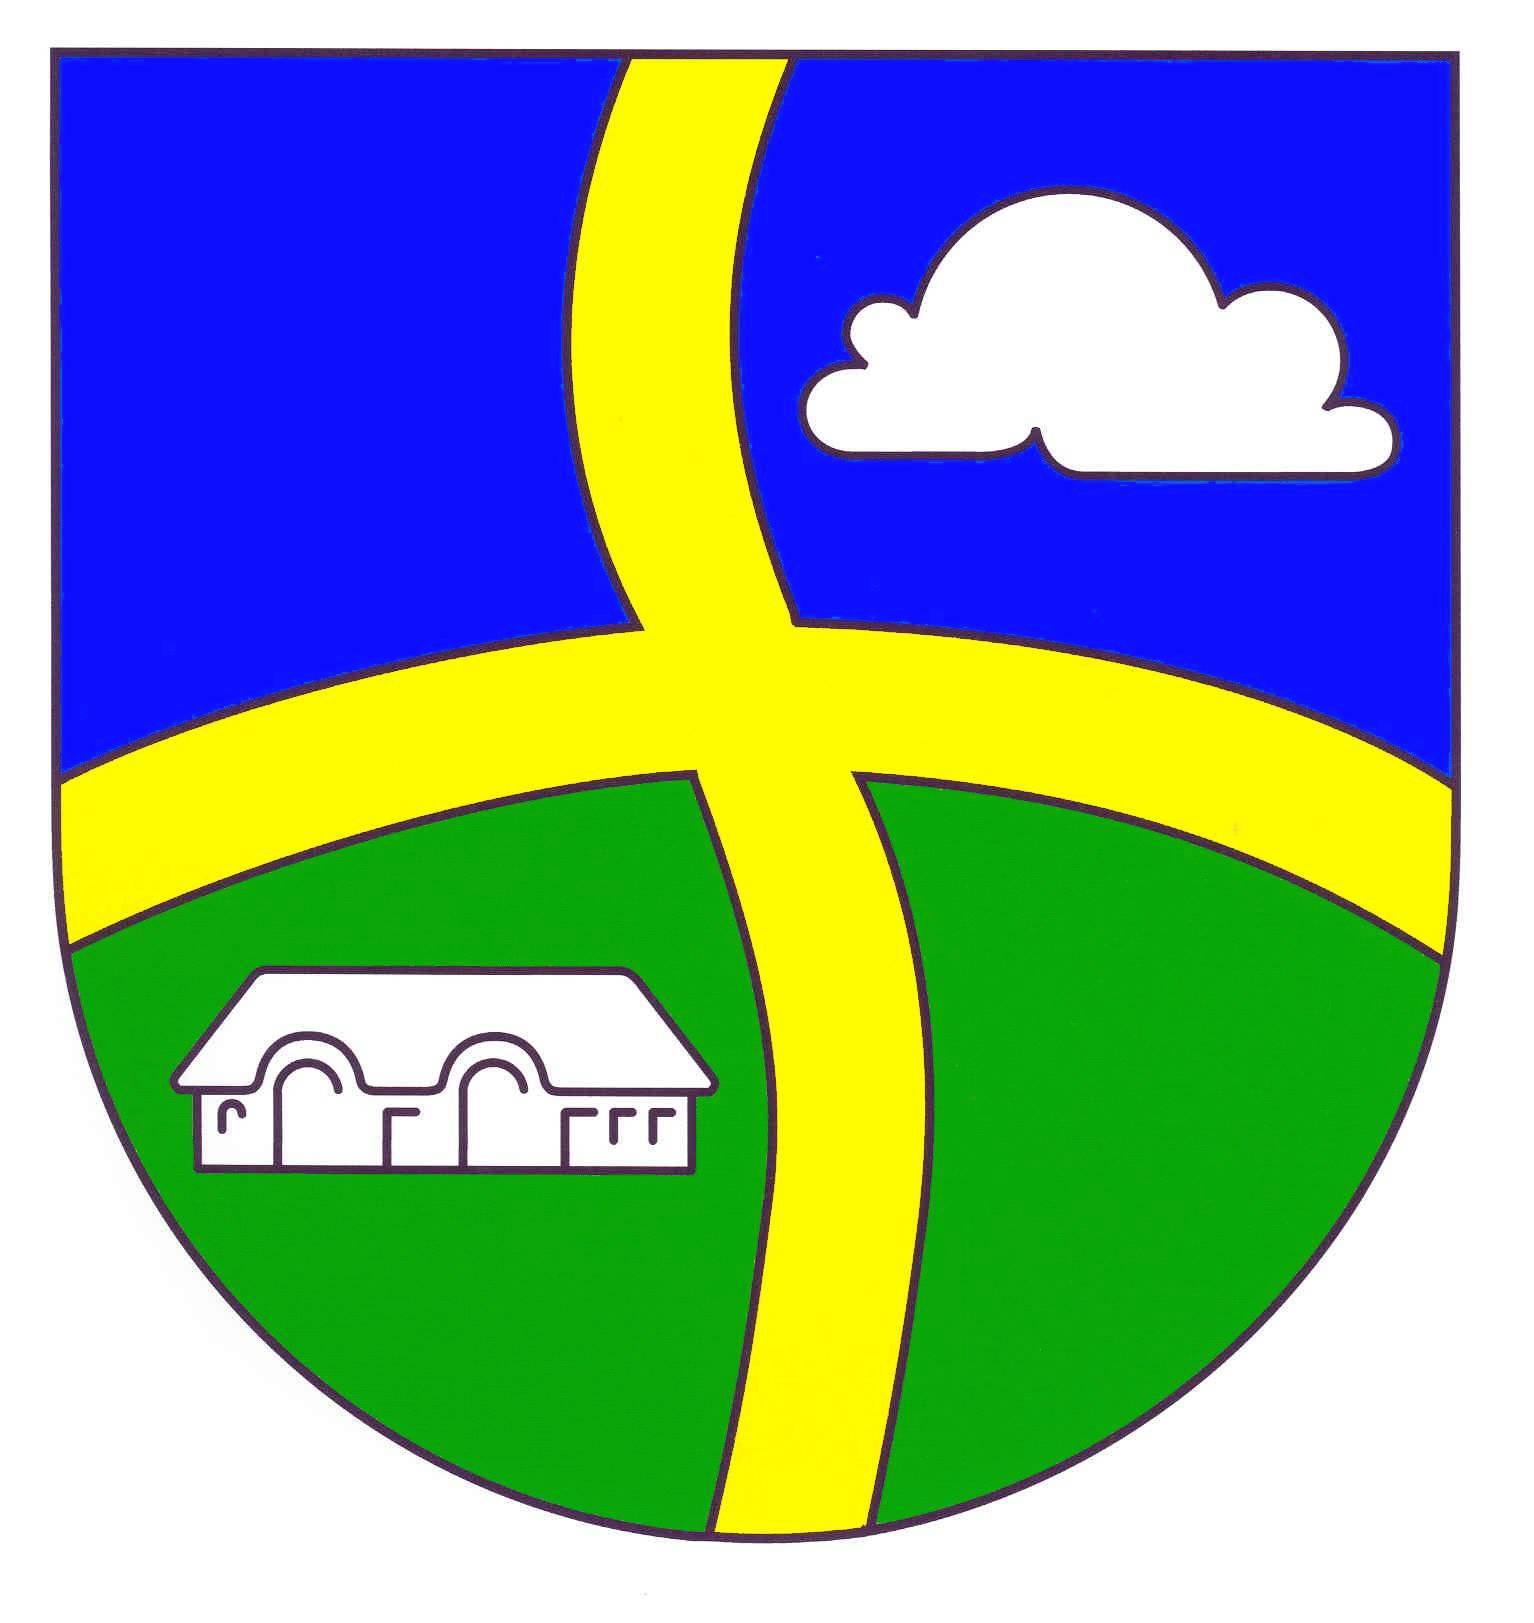 Wappen GemeindeVollstedt, Kreis Nordfriesland